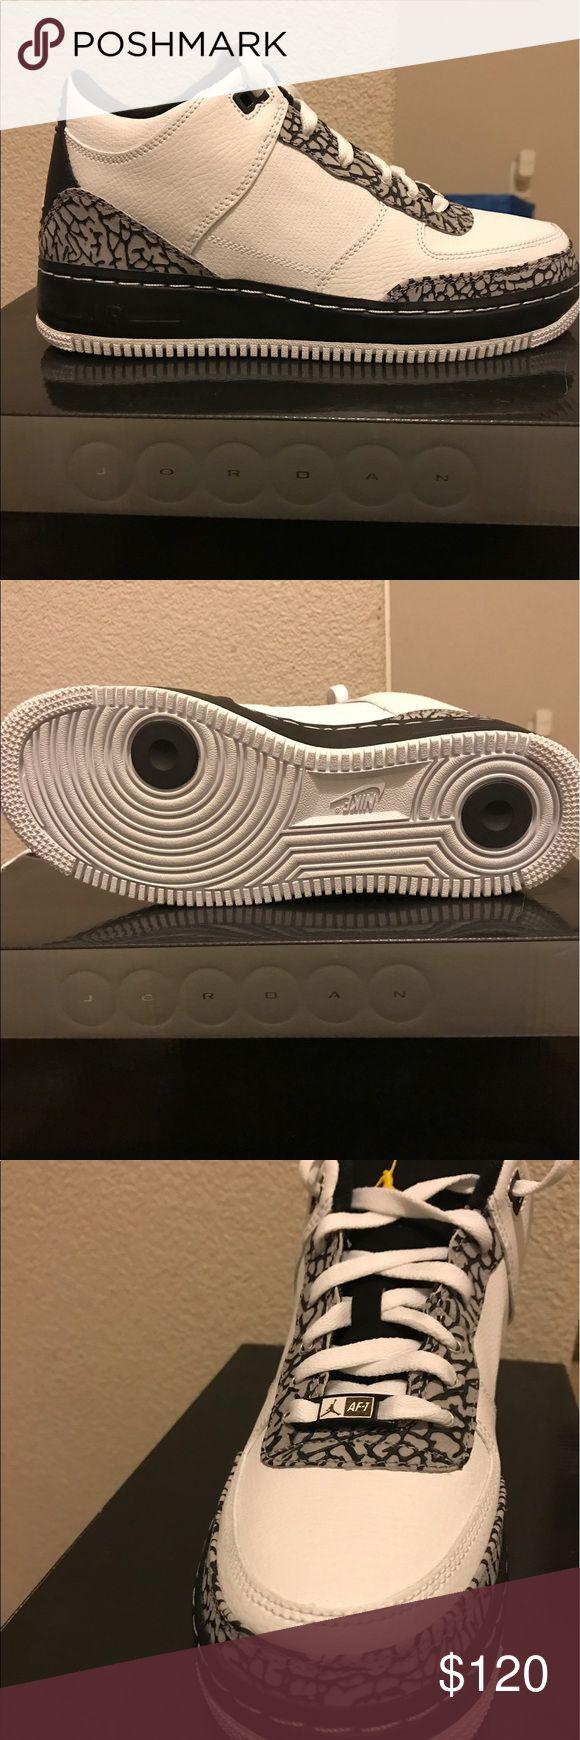 Air Jordan Air Jordan/AJF 3, brand new, never worn, original packaging, 100% authentic Jordan Shoes Sneakers